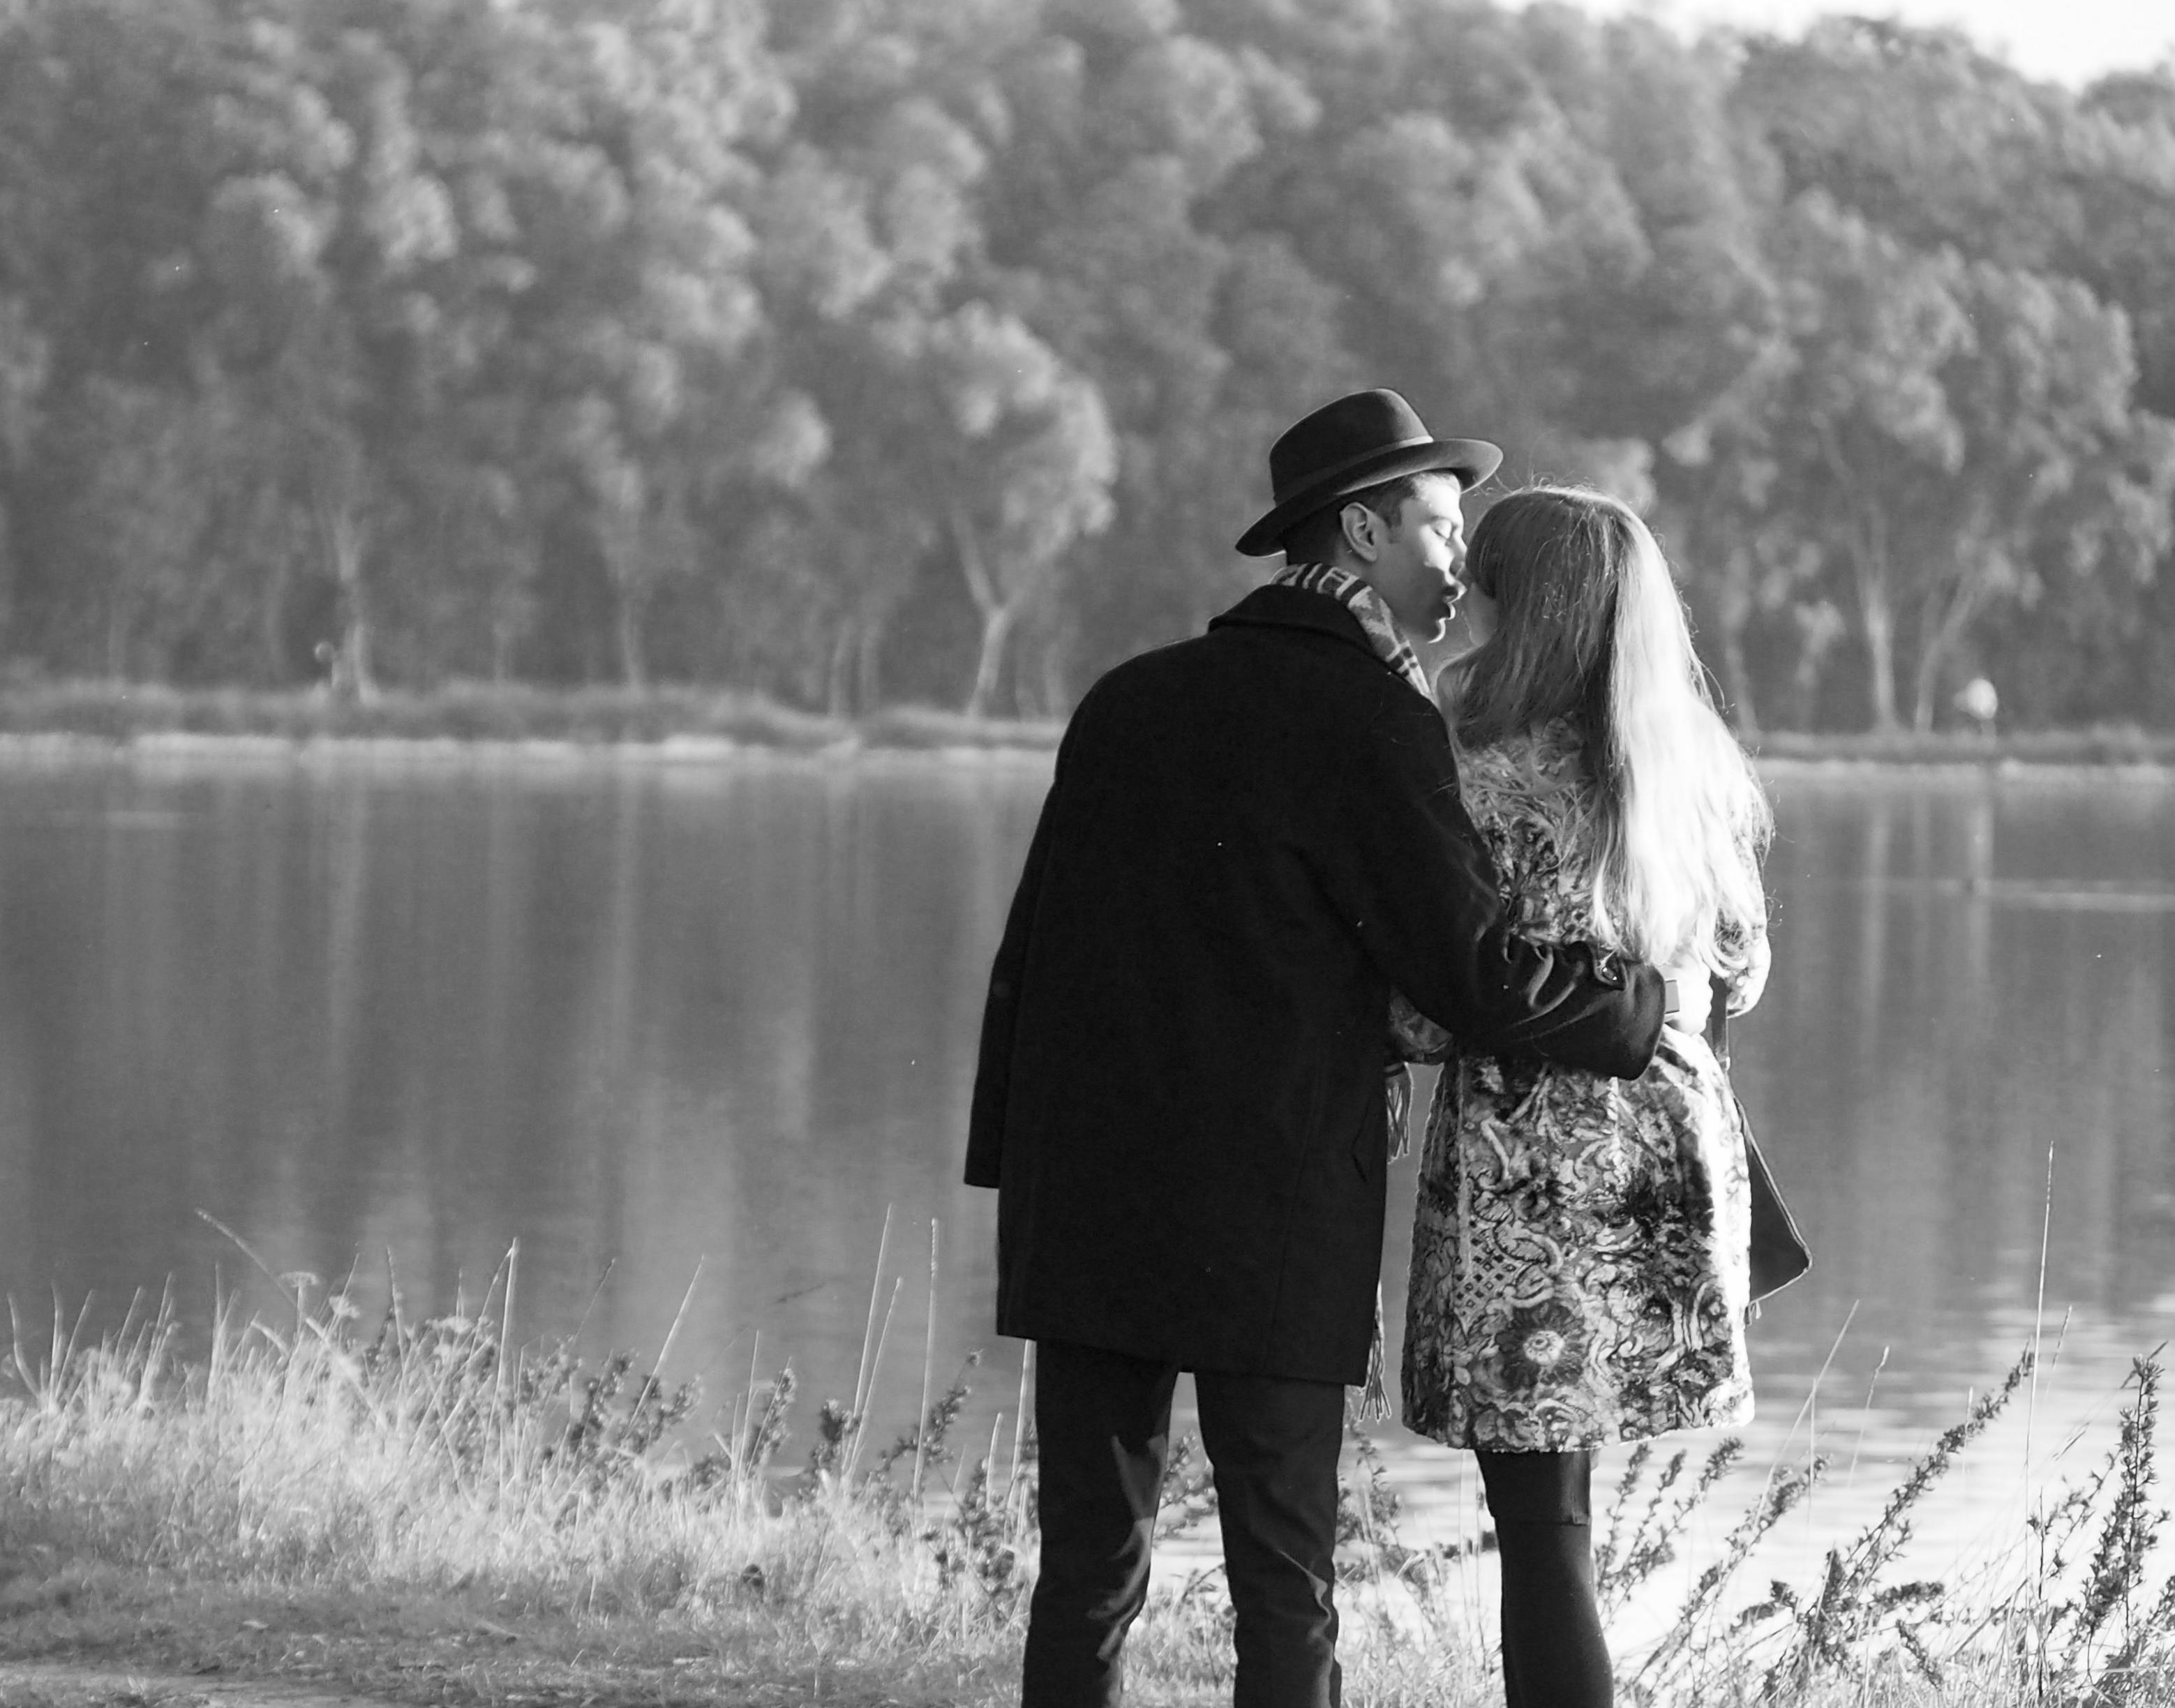 Fond d 39 cran noir et blanc amour les amoureux petite amie copain baiser bisous vivre - Photo romantique noir et blanc ...